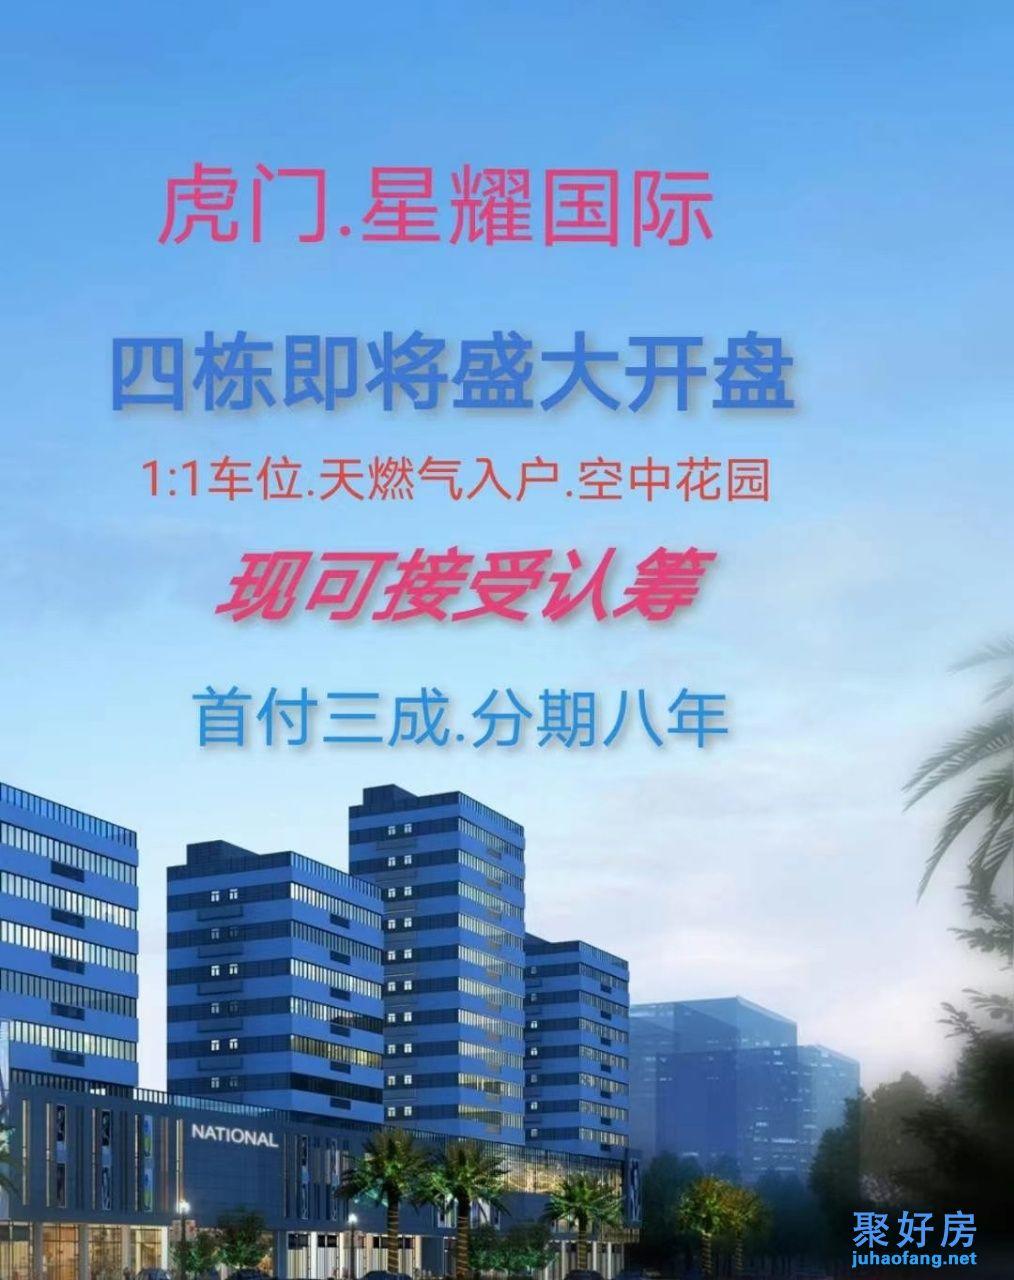 东莞虎门中心【星耀国际】珍藏4栋大盘统建楼,首付三成,分期8年!